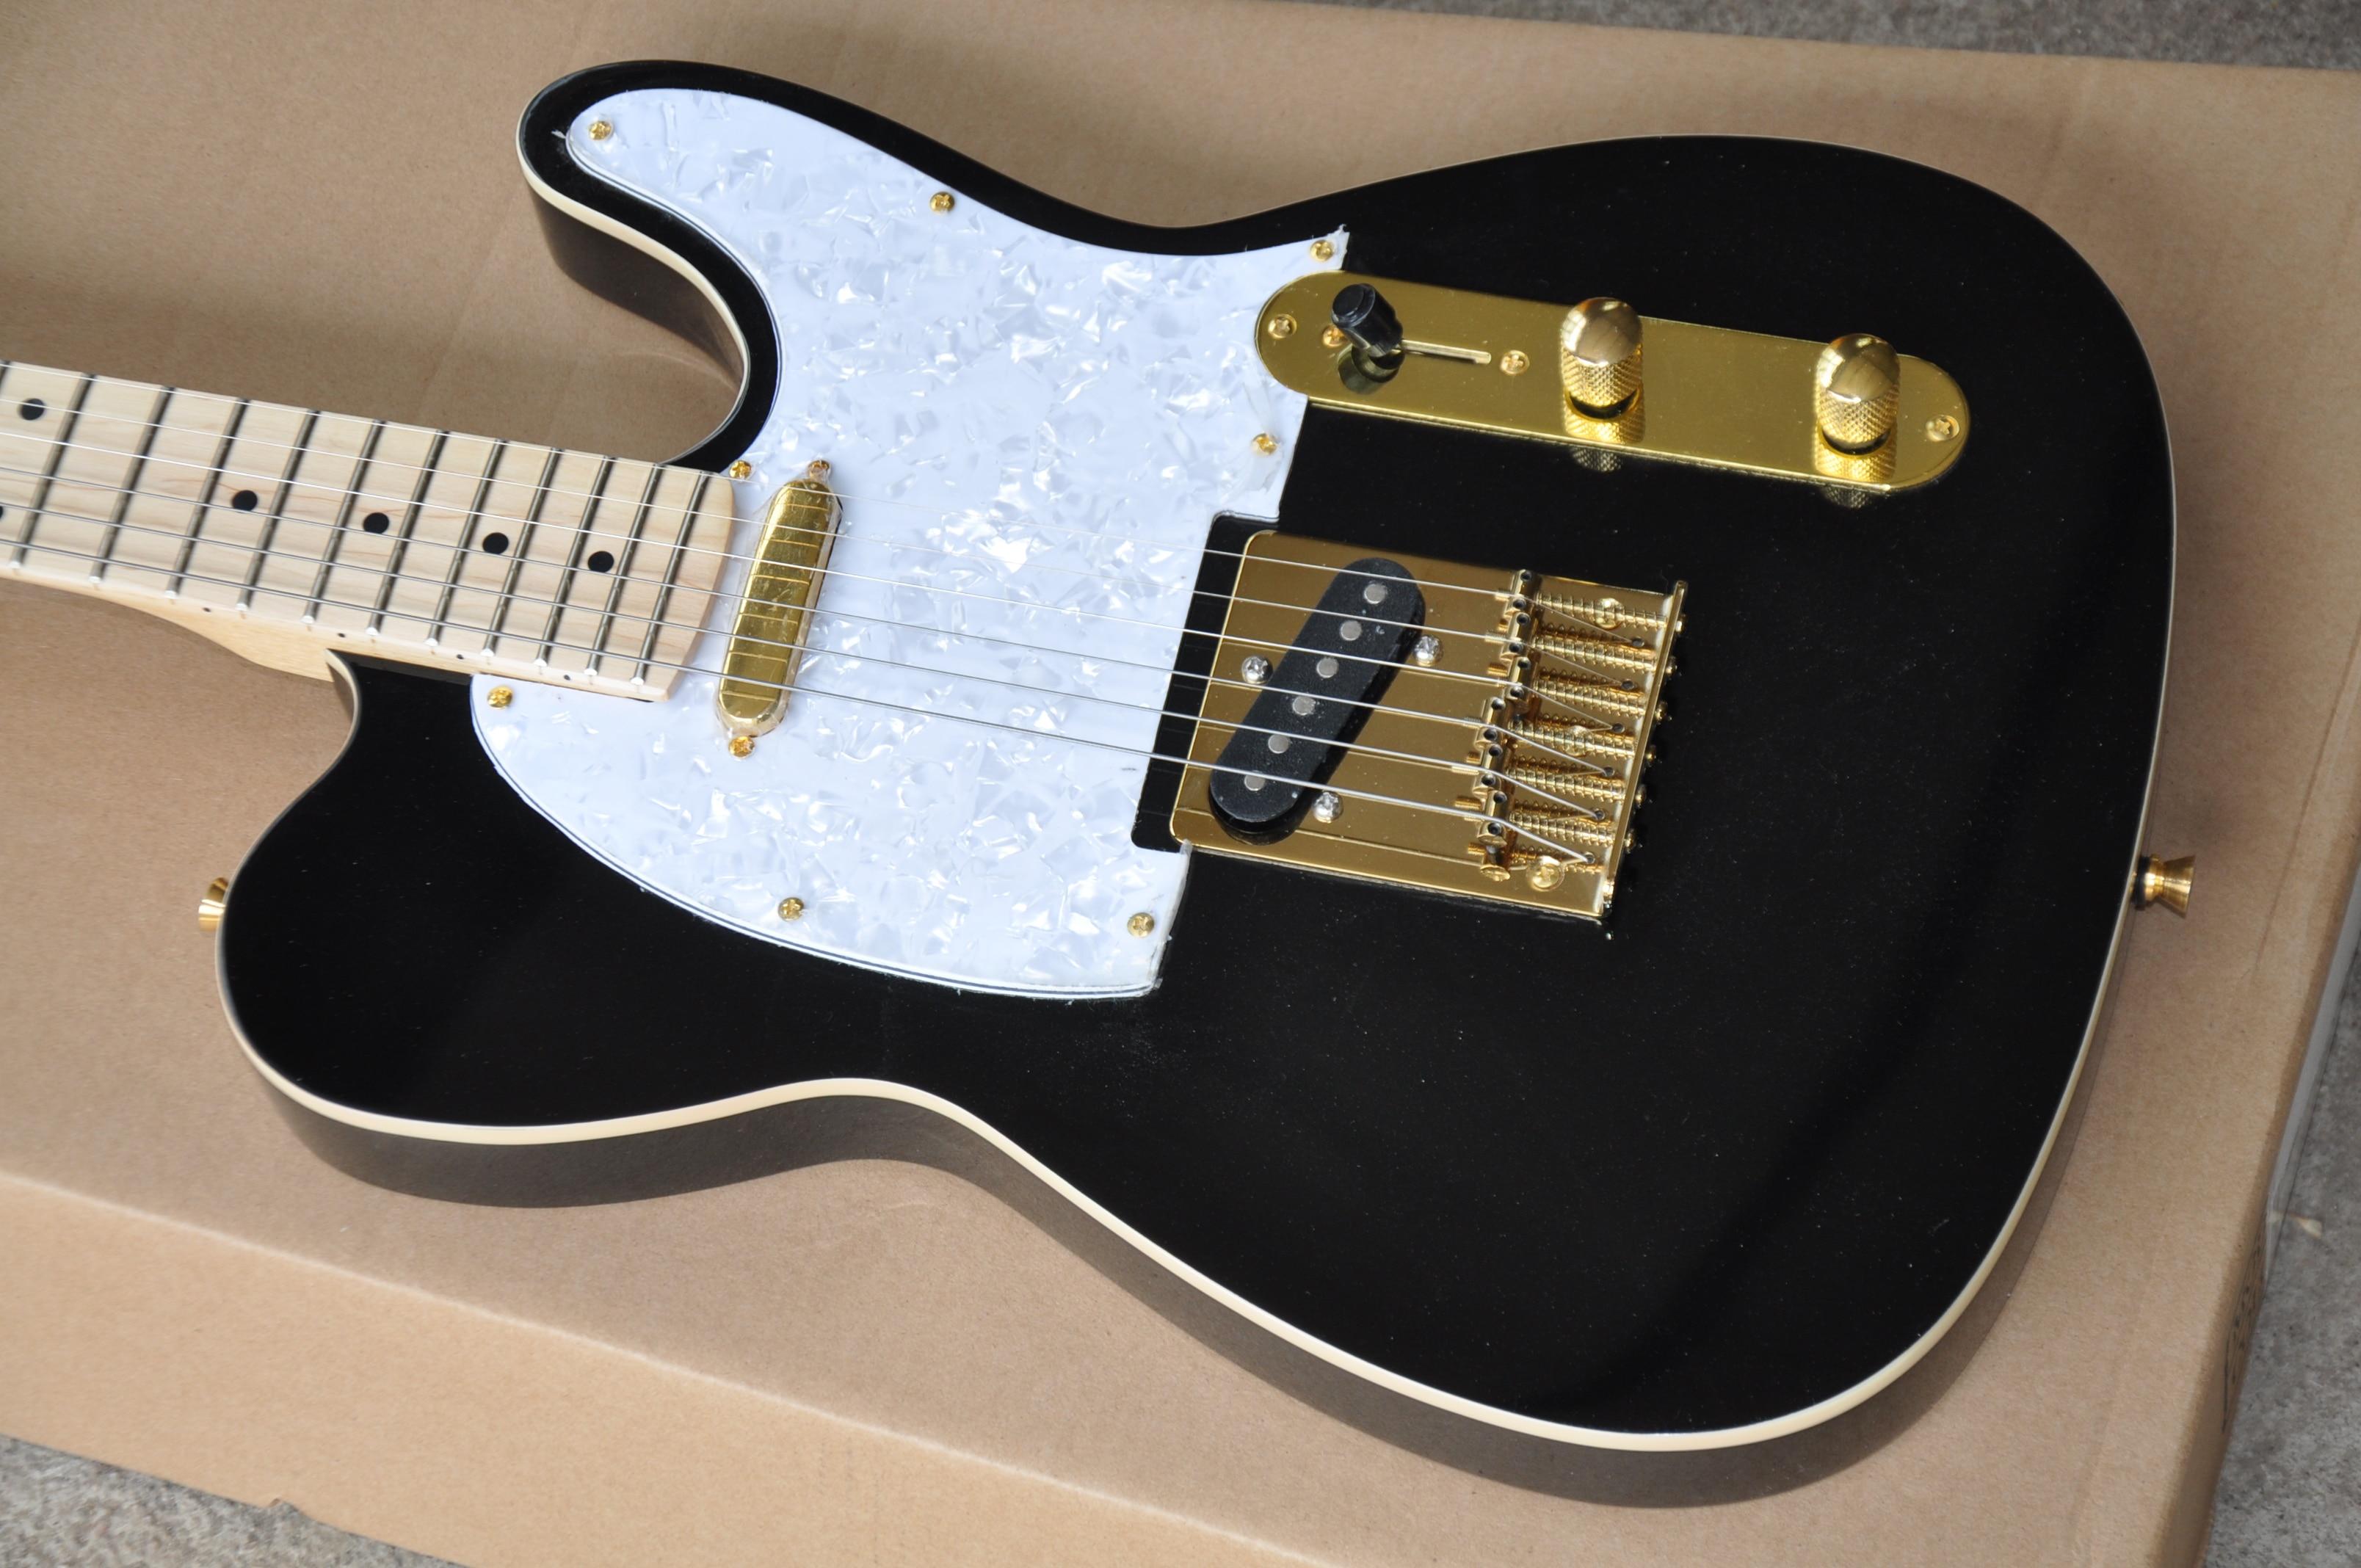 Frete grátis fábrica personalizado novo tl preto guitarra elétrica ferragem de ouro frete grátis 8pai